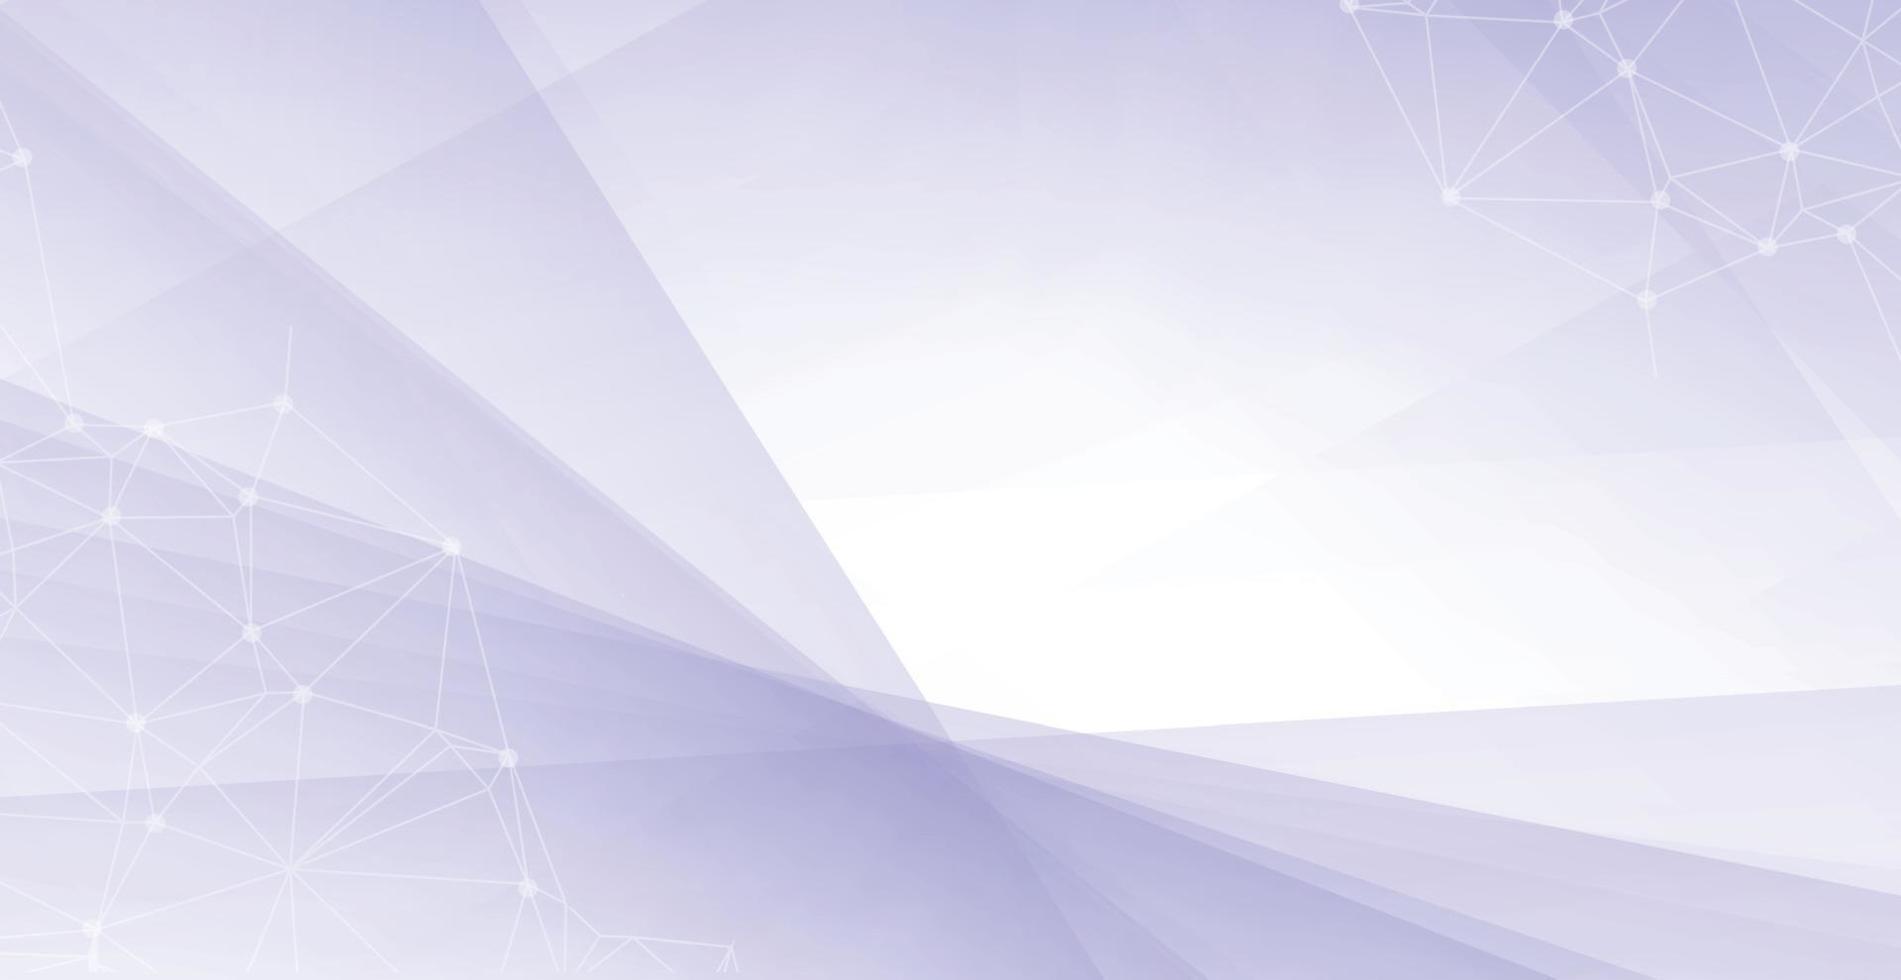 abstracte blauwe achtergrond, veel rechte lijnen - vector